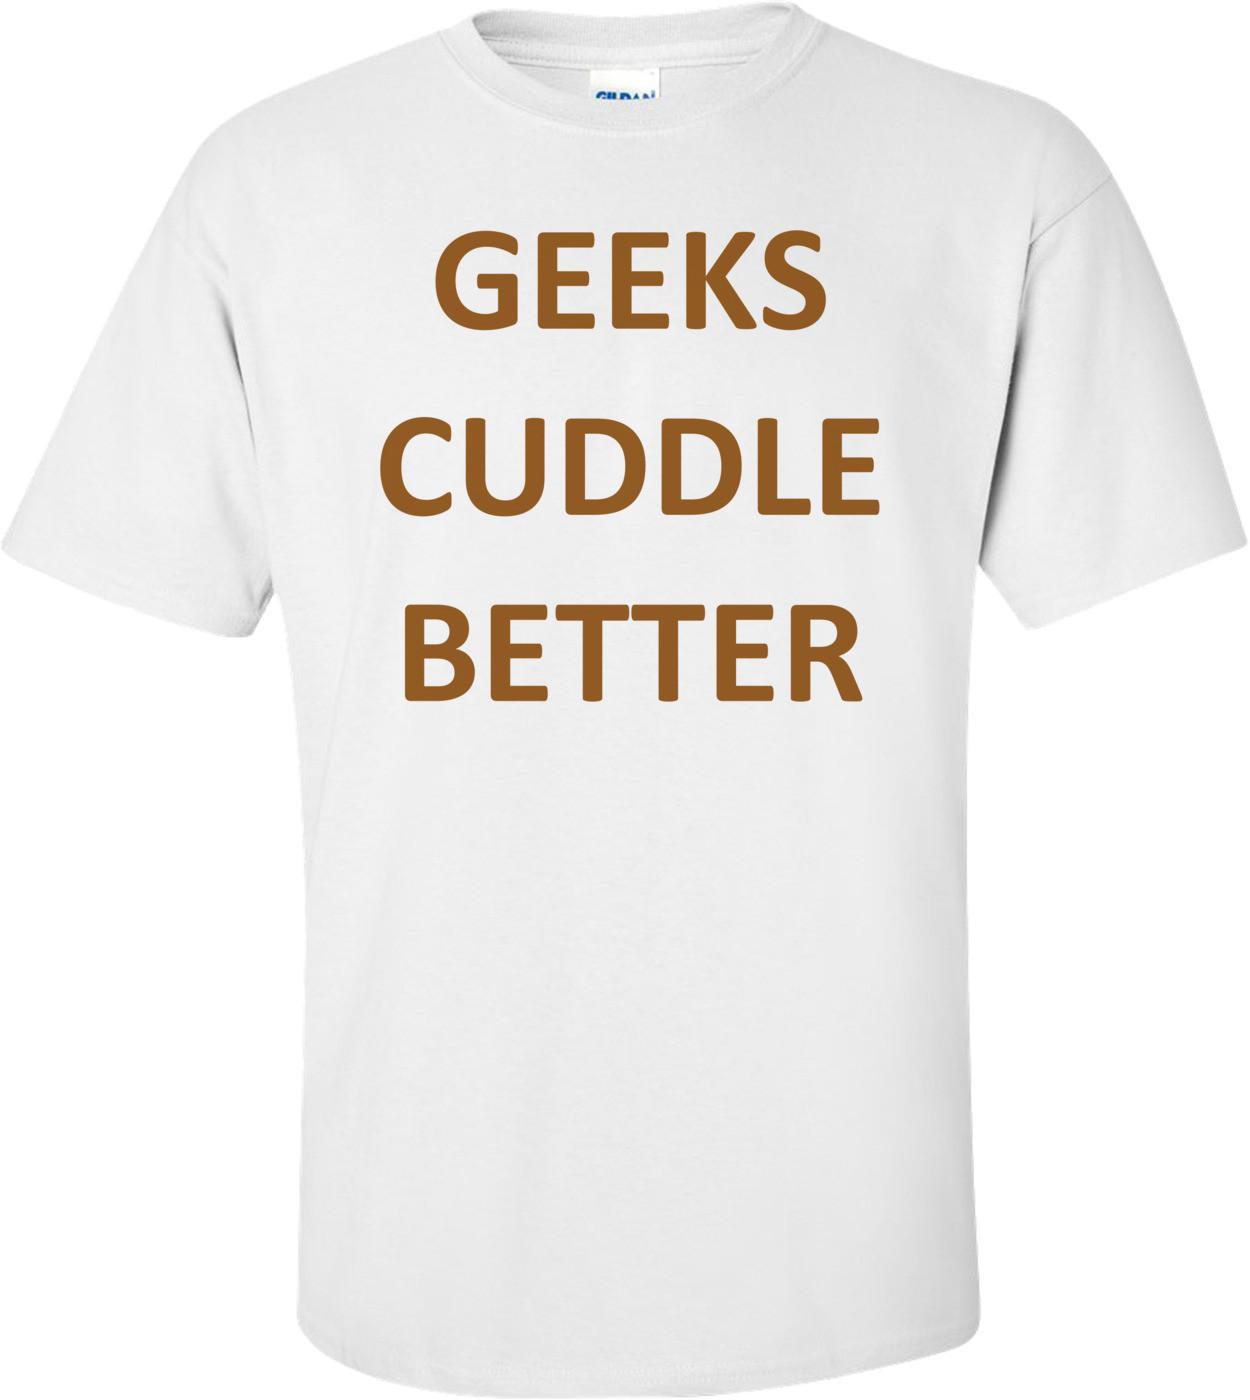 GEEKS CUDDLE BETTER Shirt